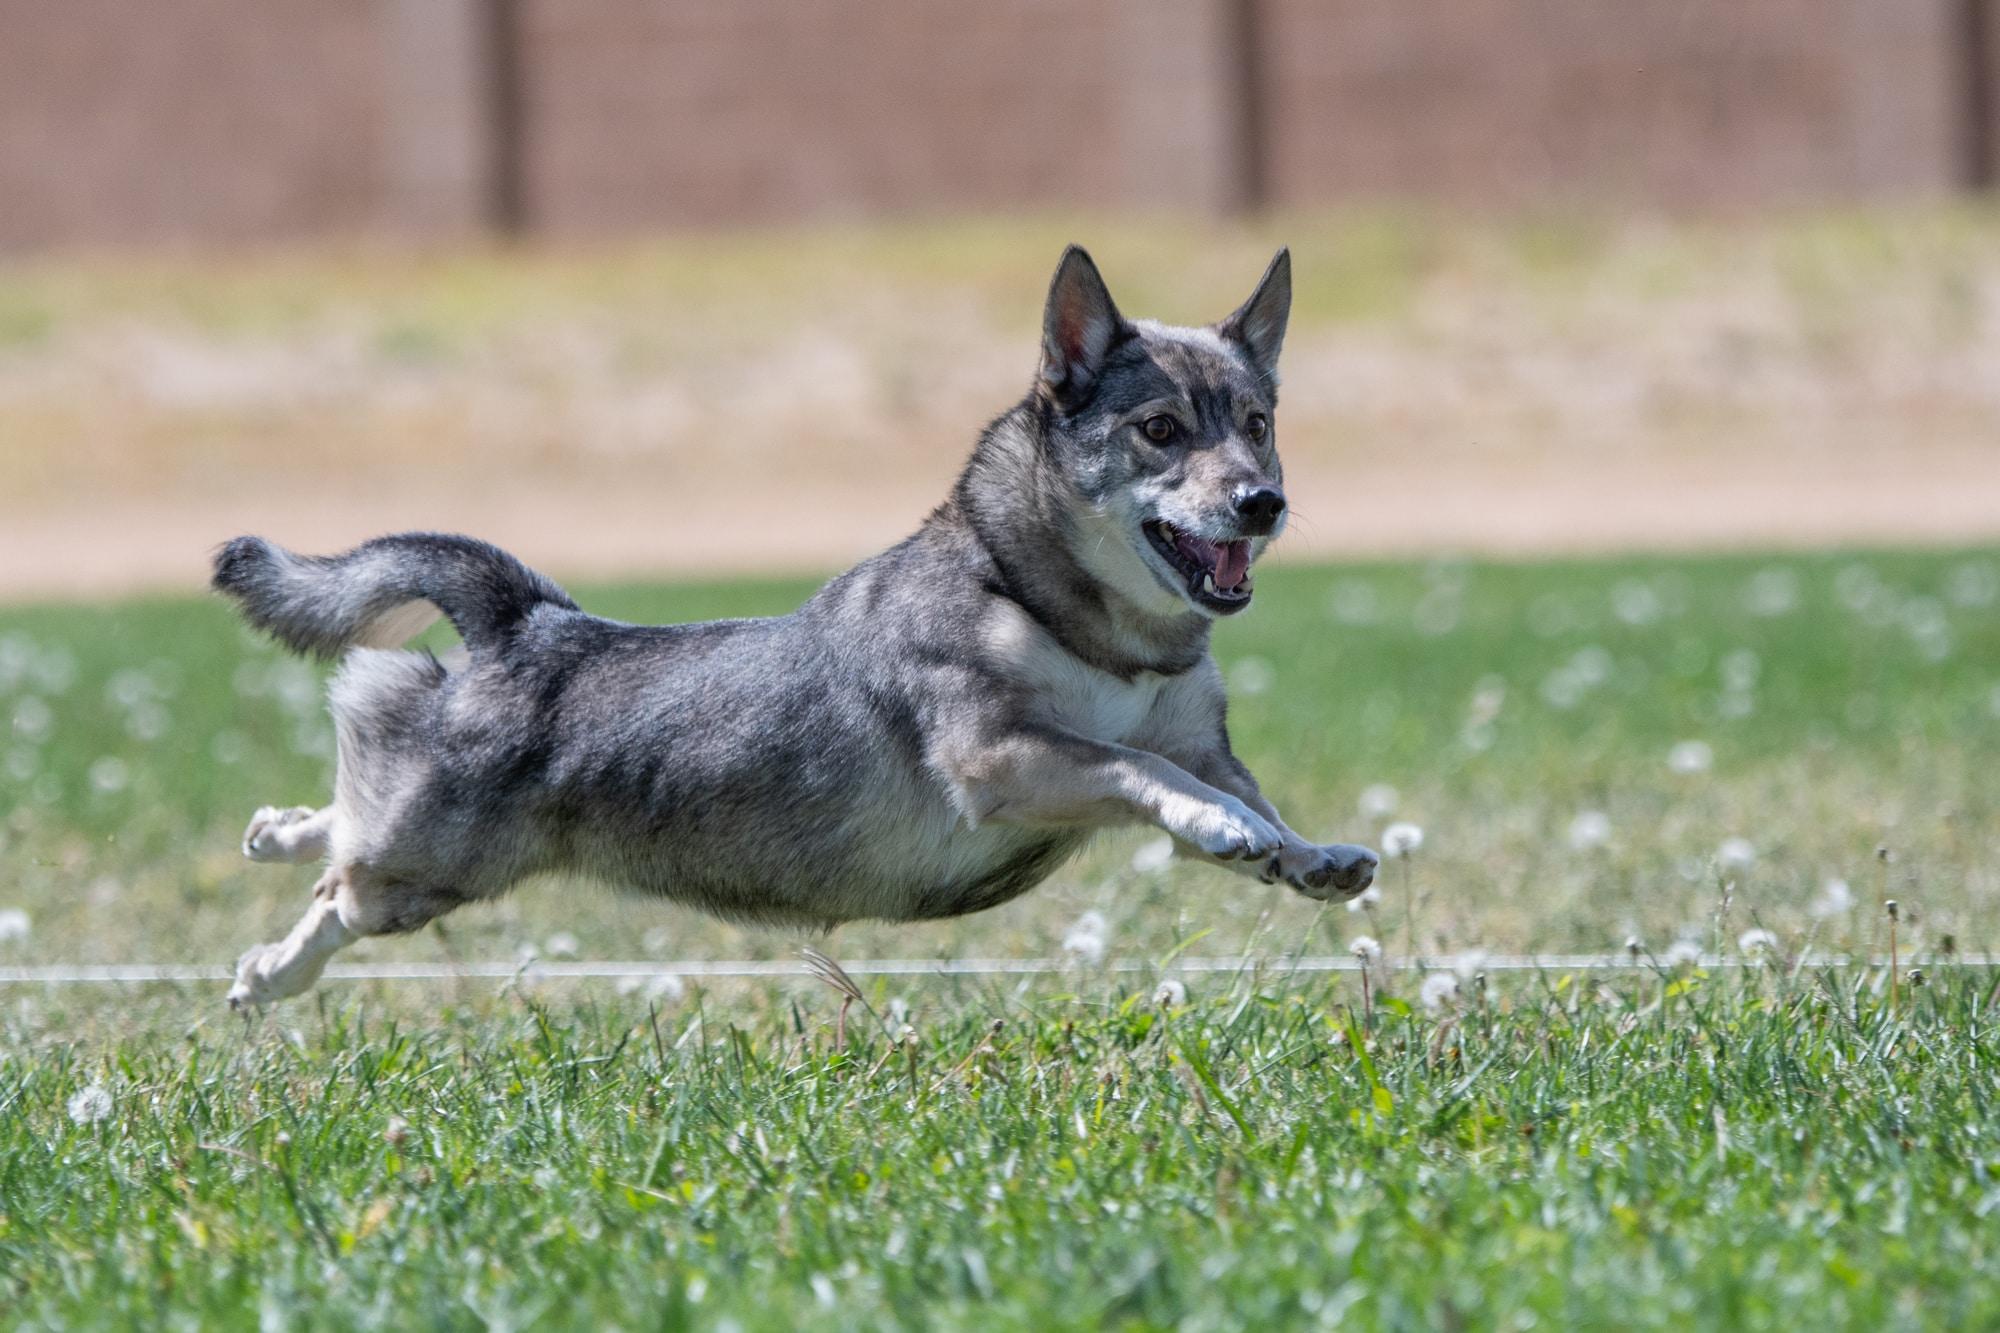 Västgötaspets (Schwedischer Wallhund) springt